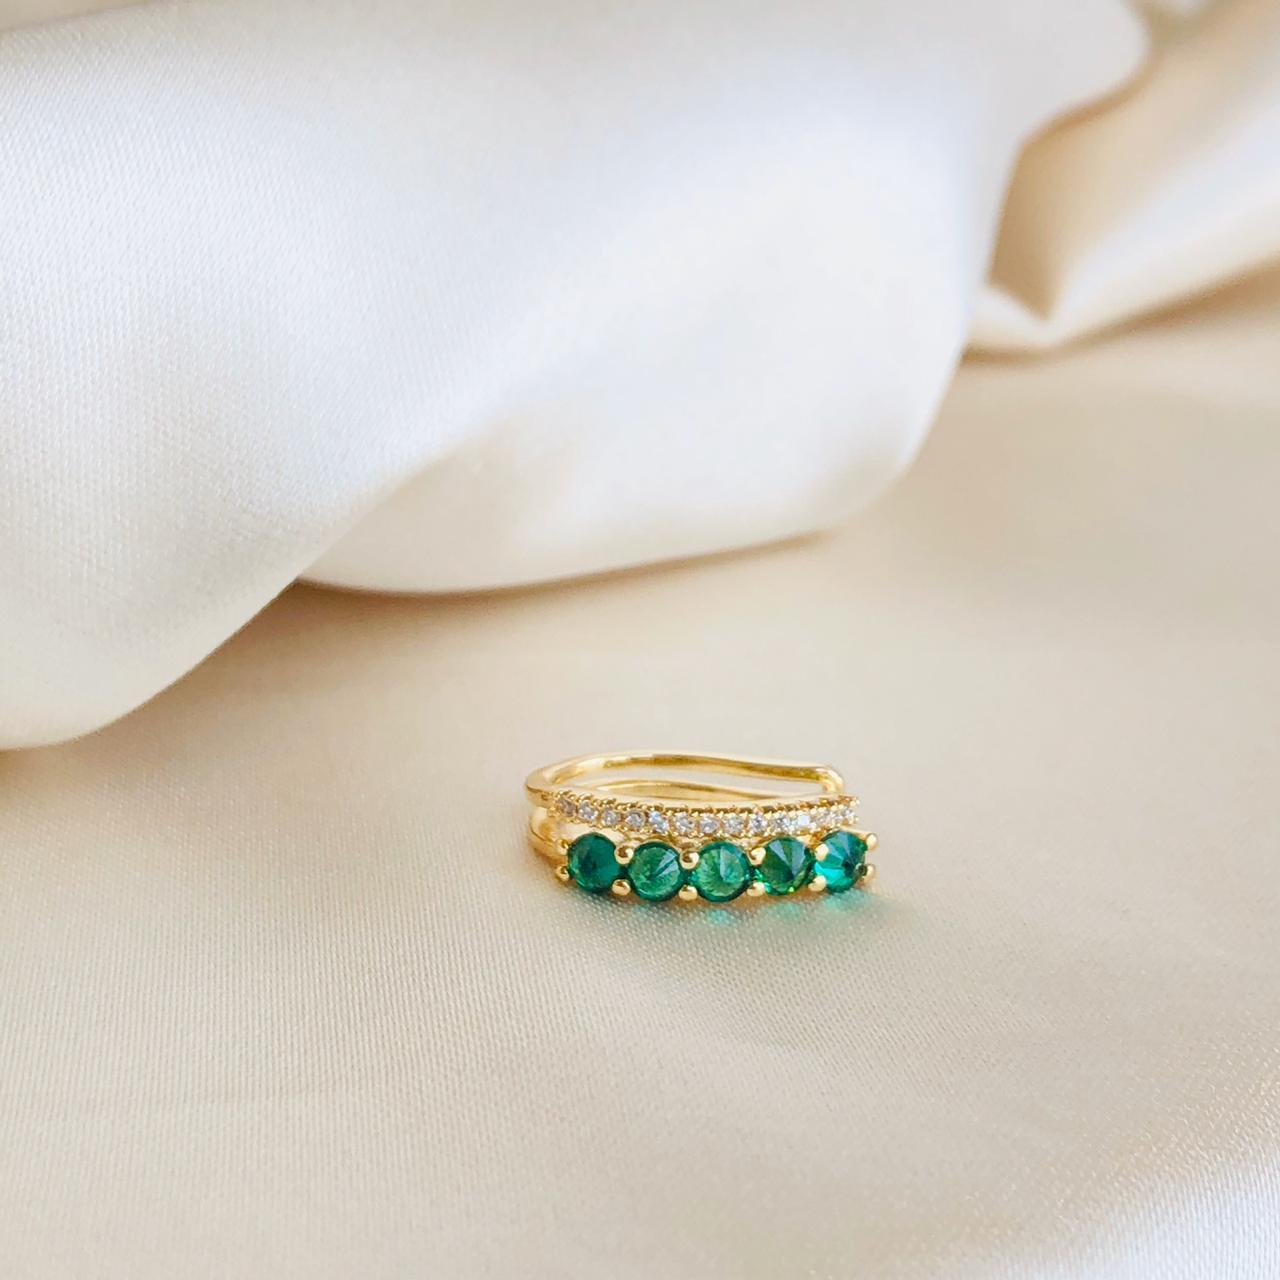 Piercing de Pressão Duplo Esmeralda e Cristal Banhado em Ouro 18k